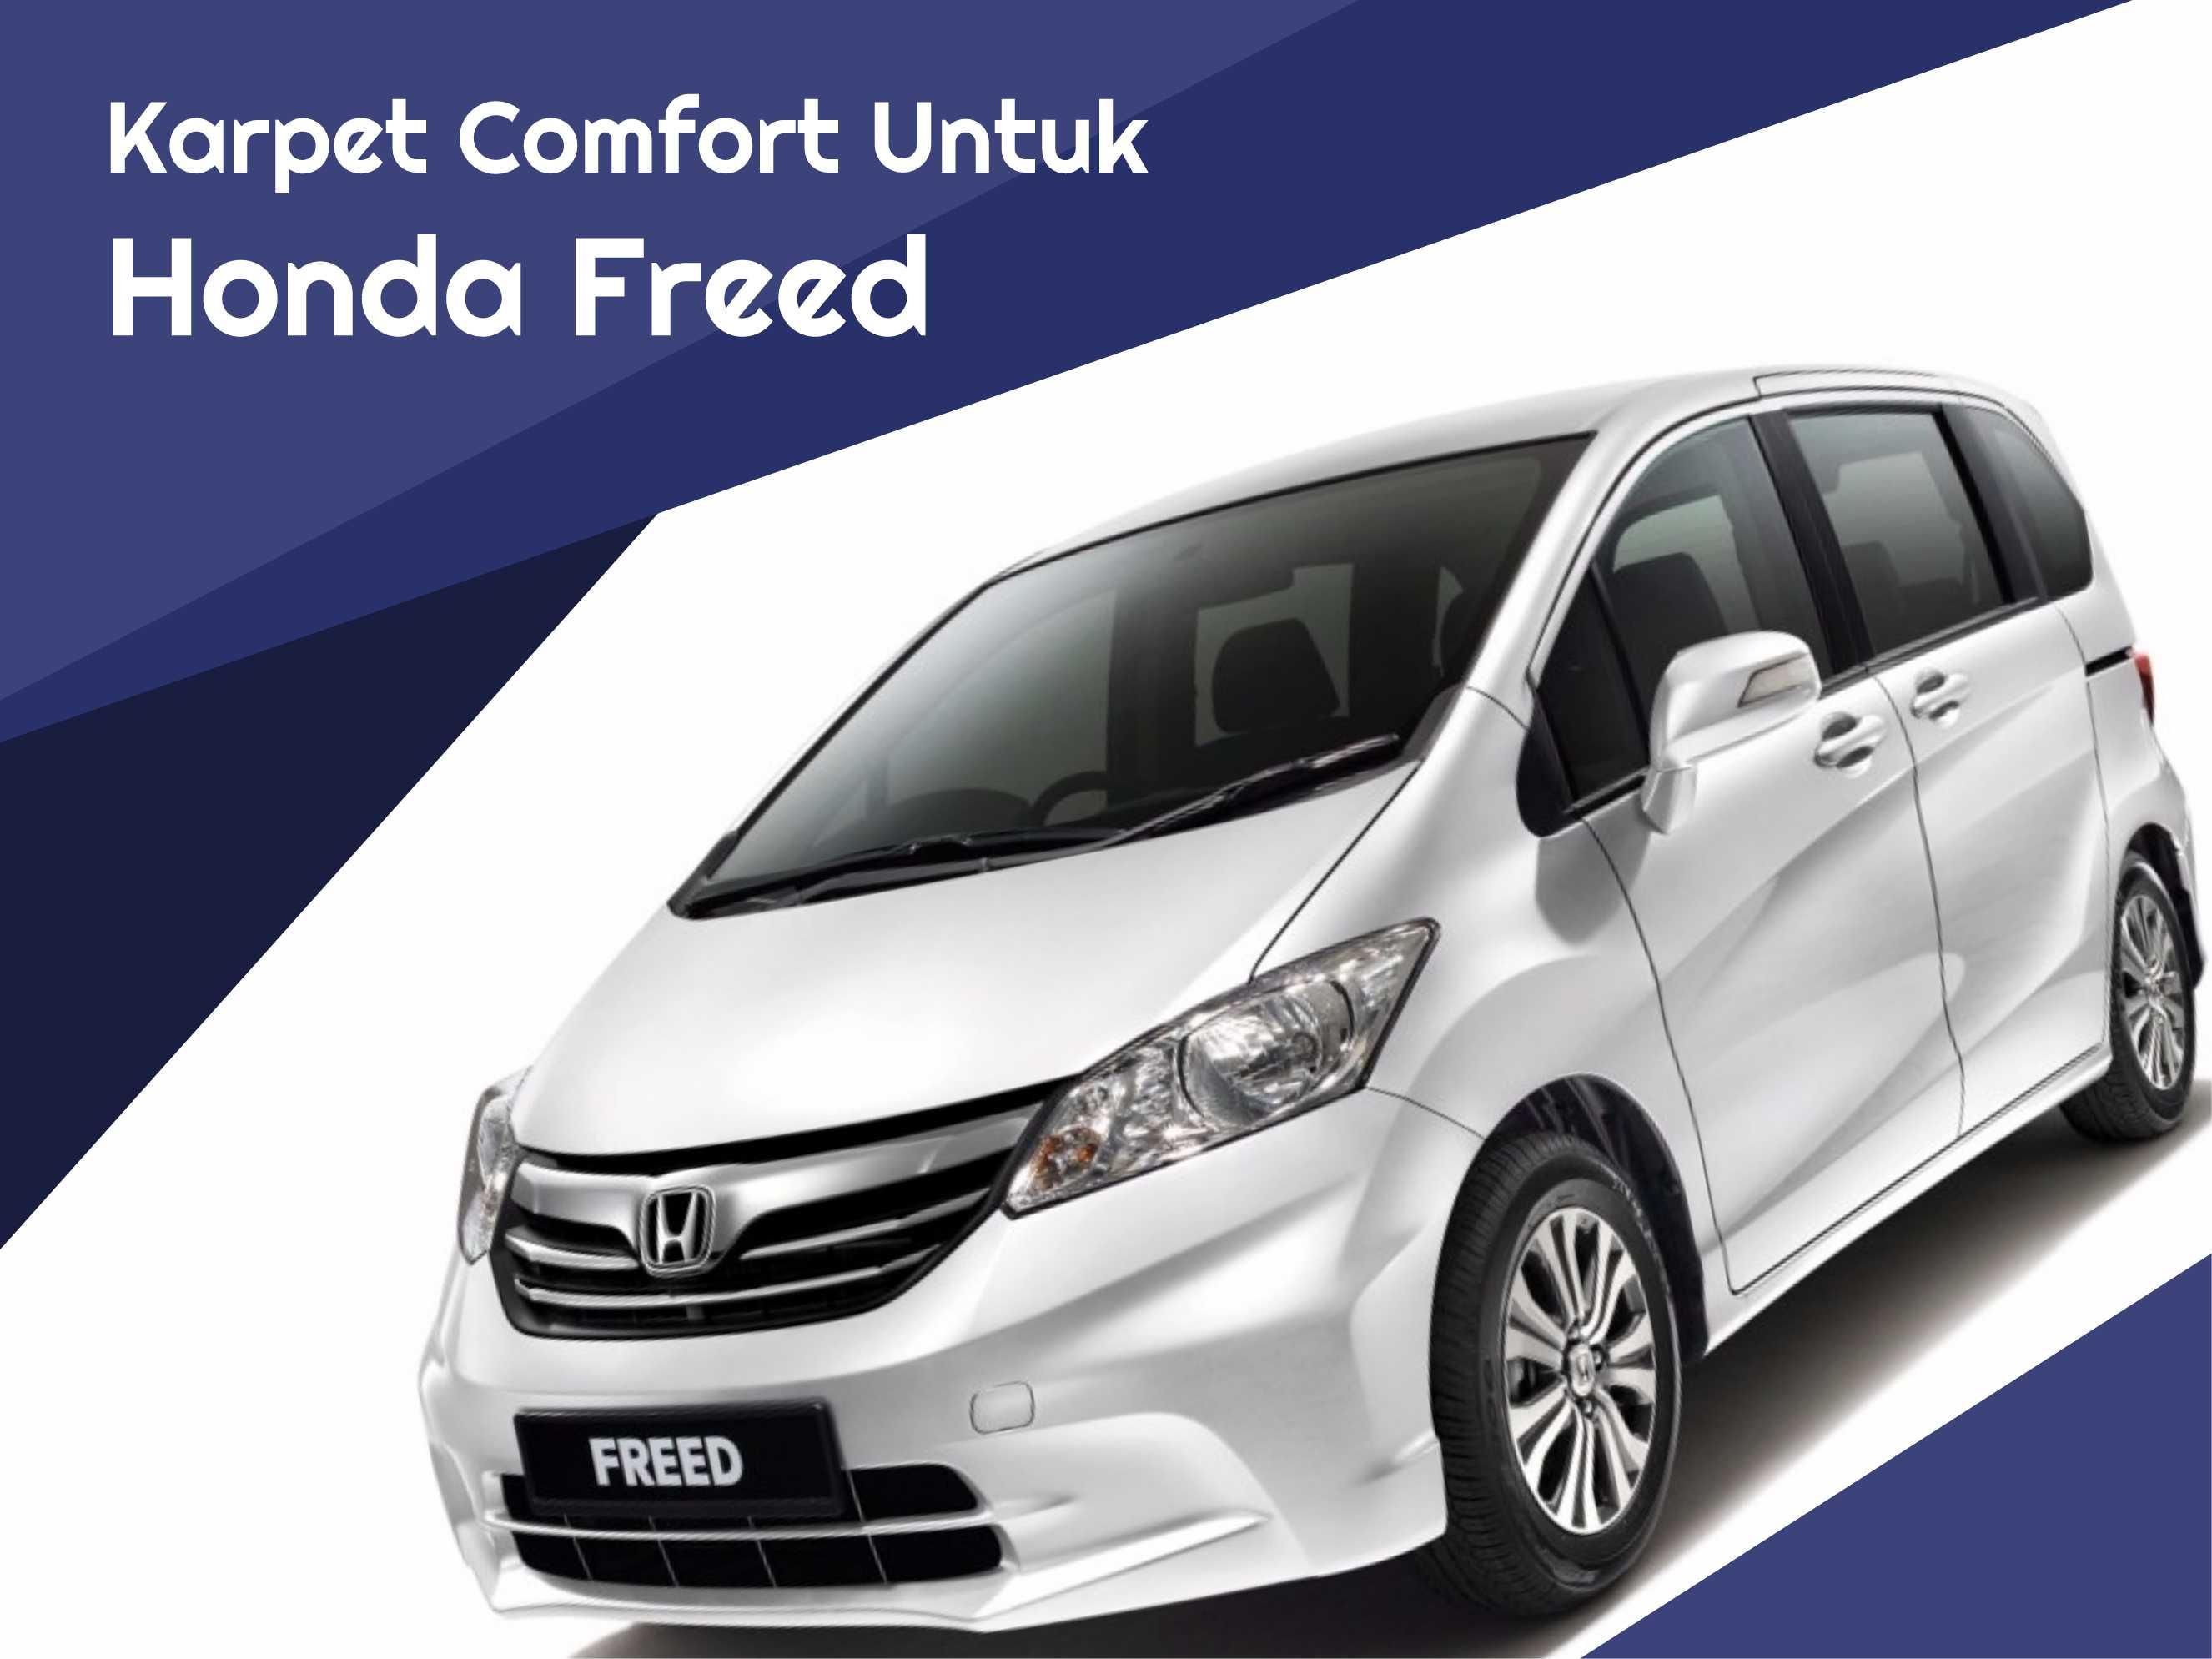 Karpet Comfort untuk Honda Freed